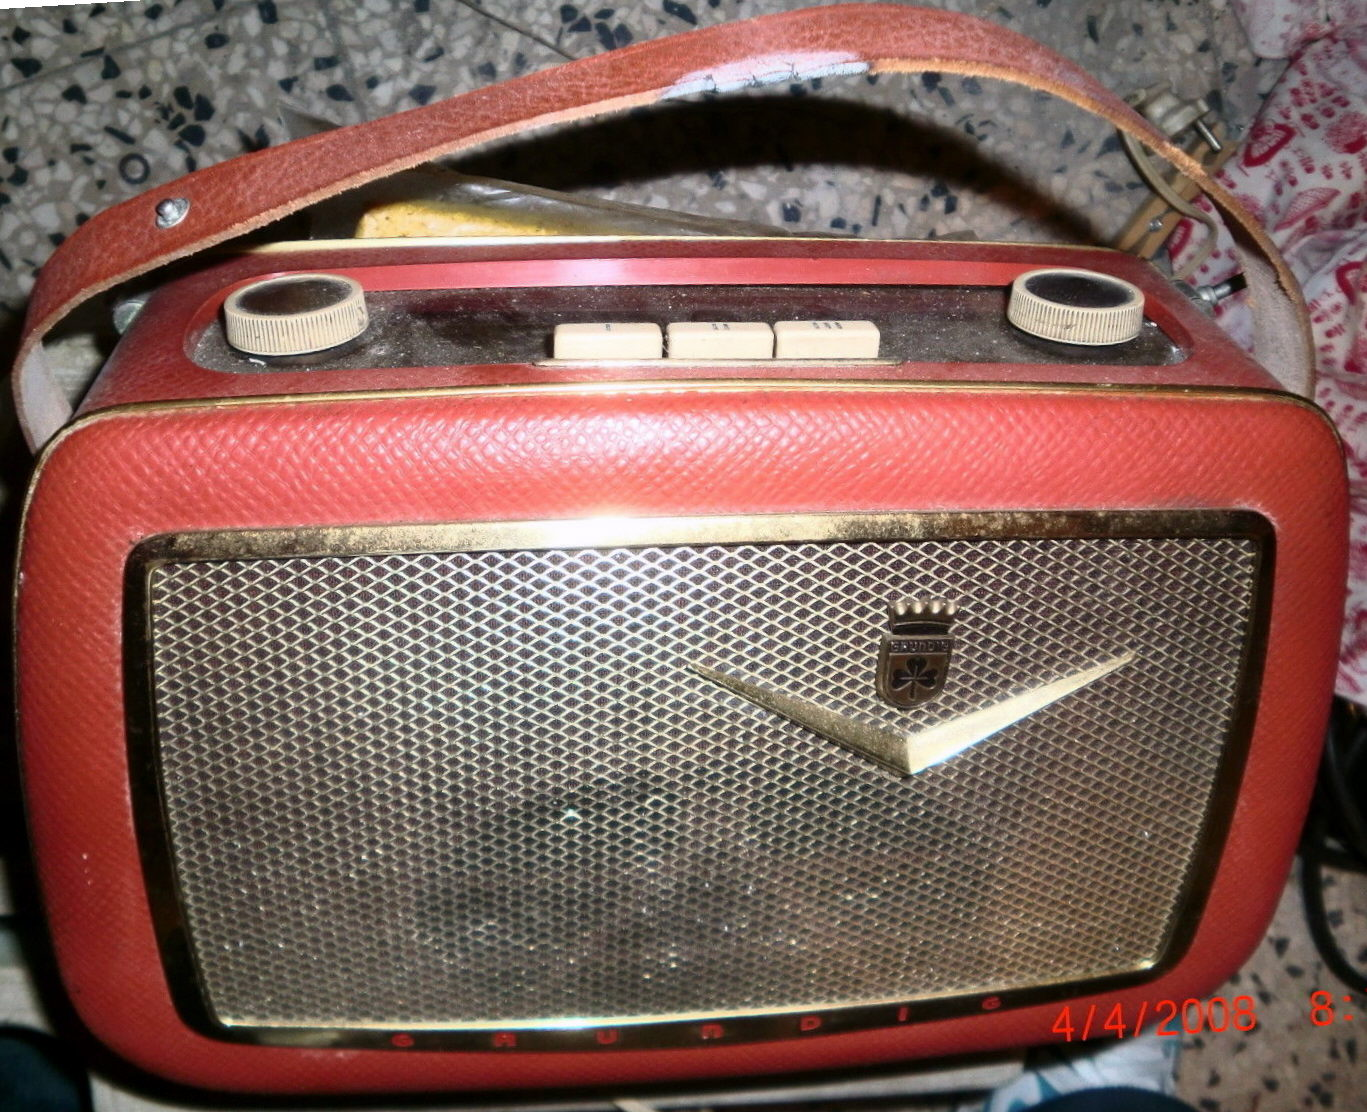 grundig-radio